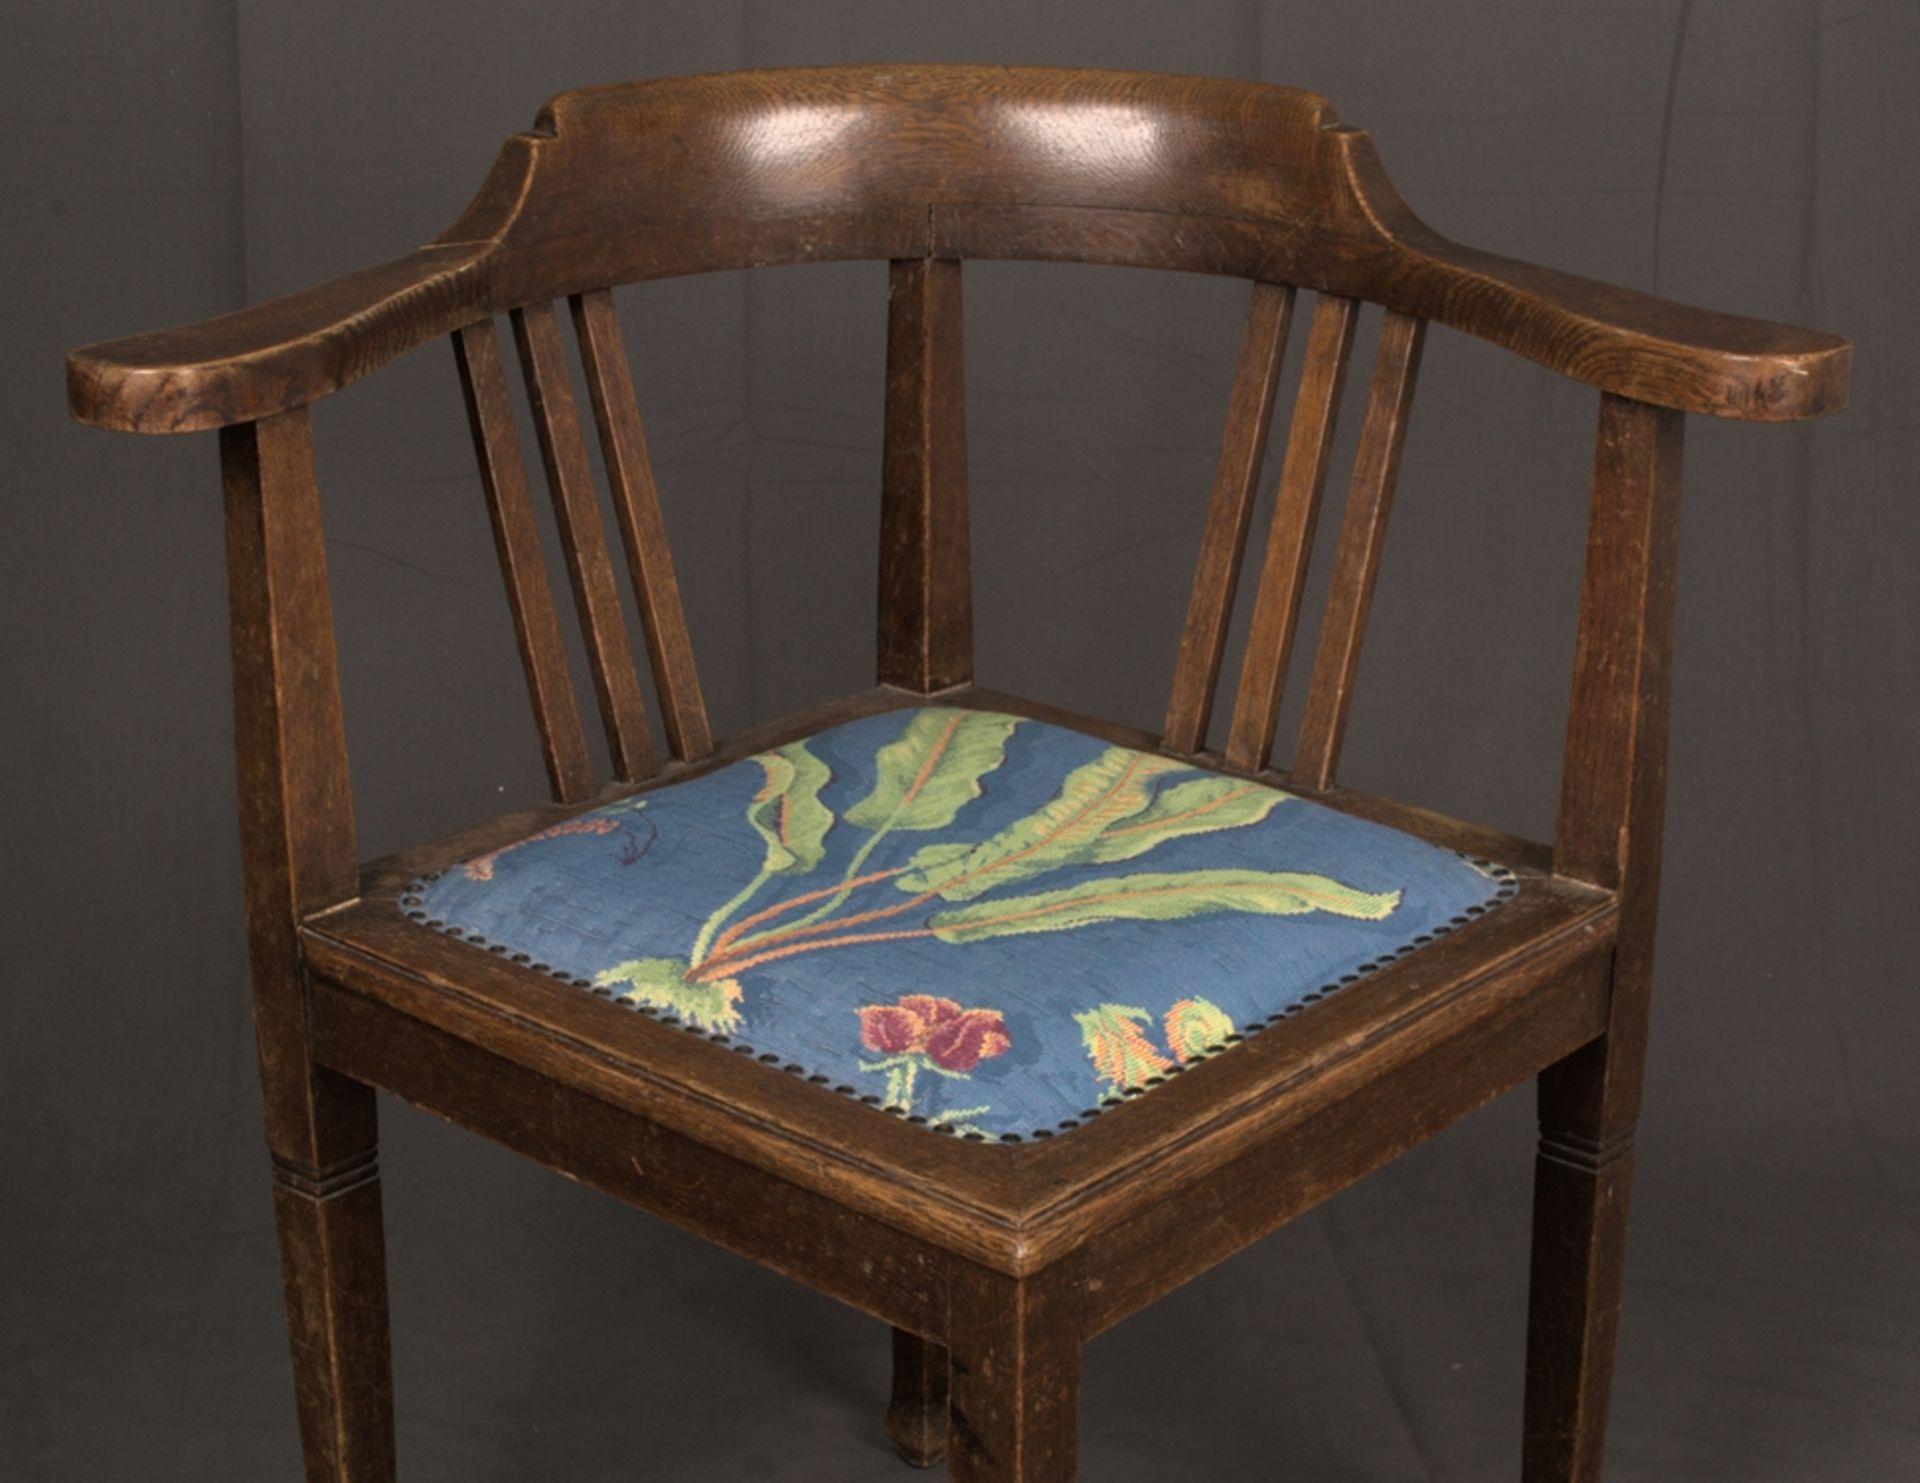 Schreibtischstuhl, Jugendstil deutsch um 1900/20. Eiche massiv, Gestell zu verleimen/unrestaurierter - Bild 2 aus 8